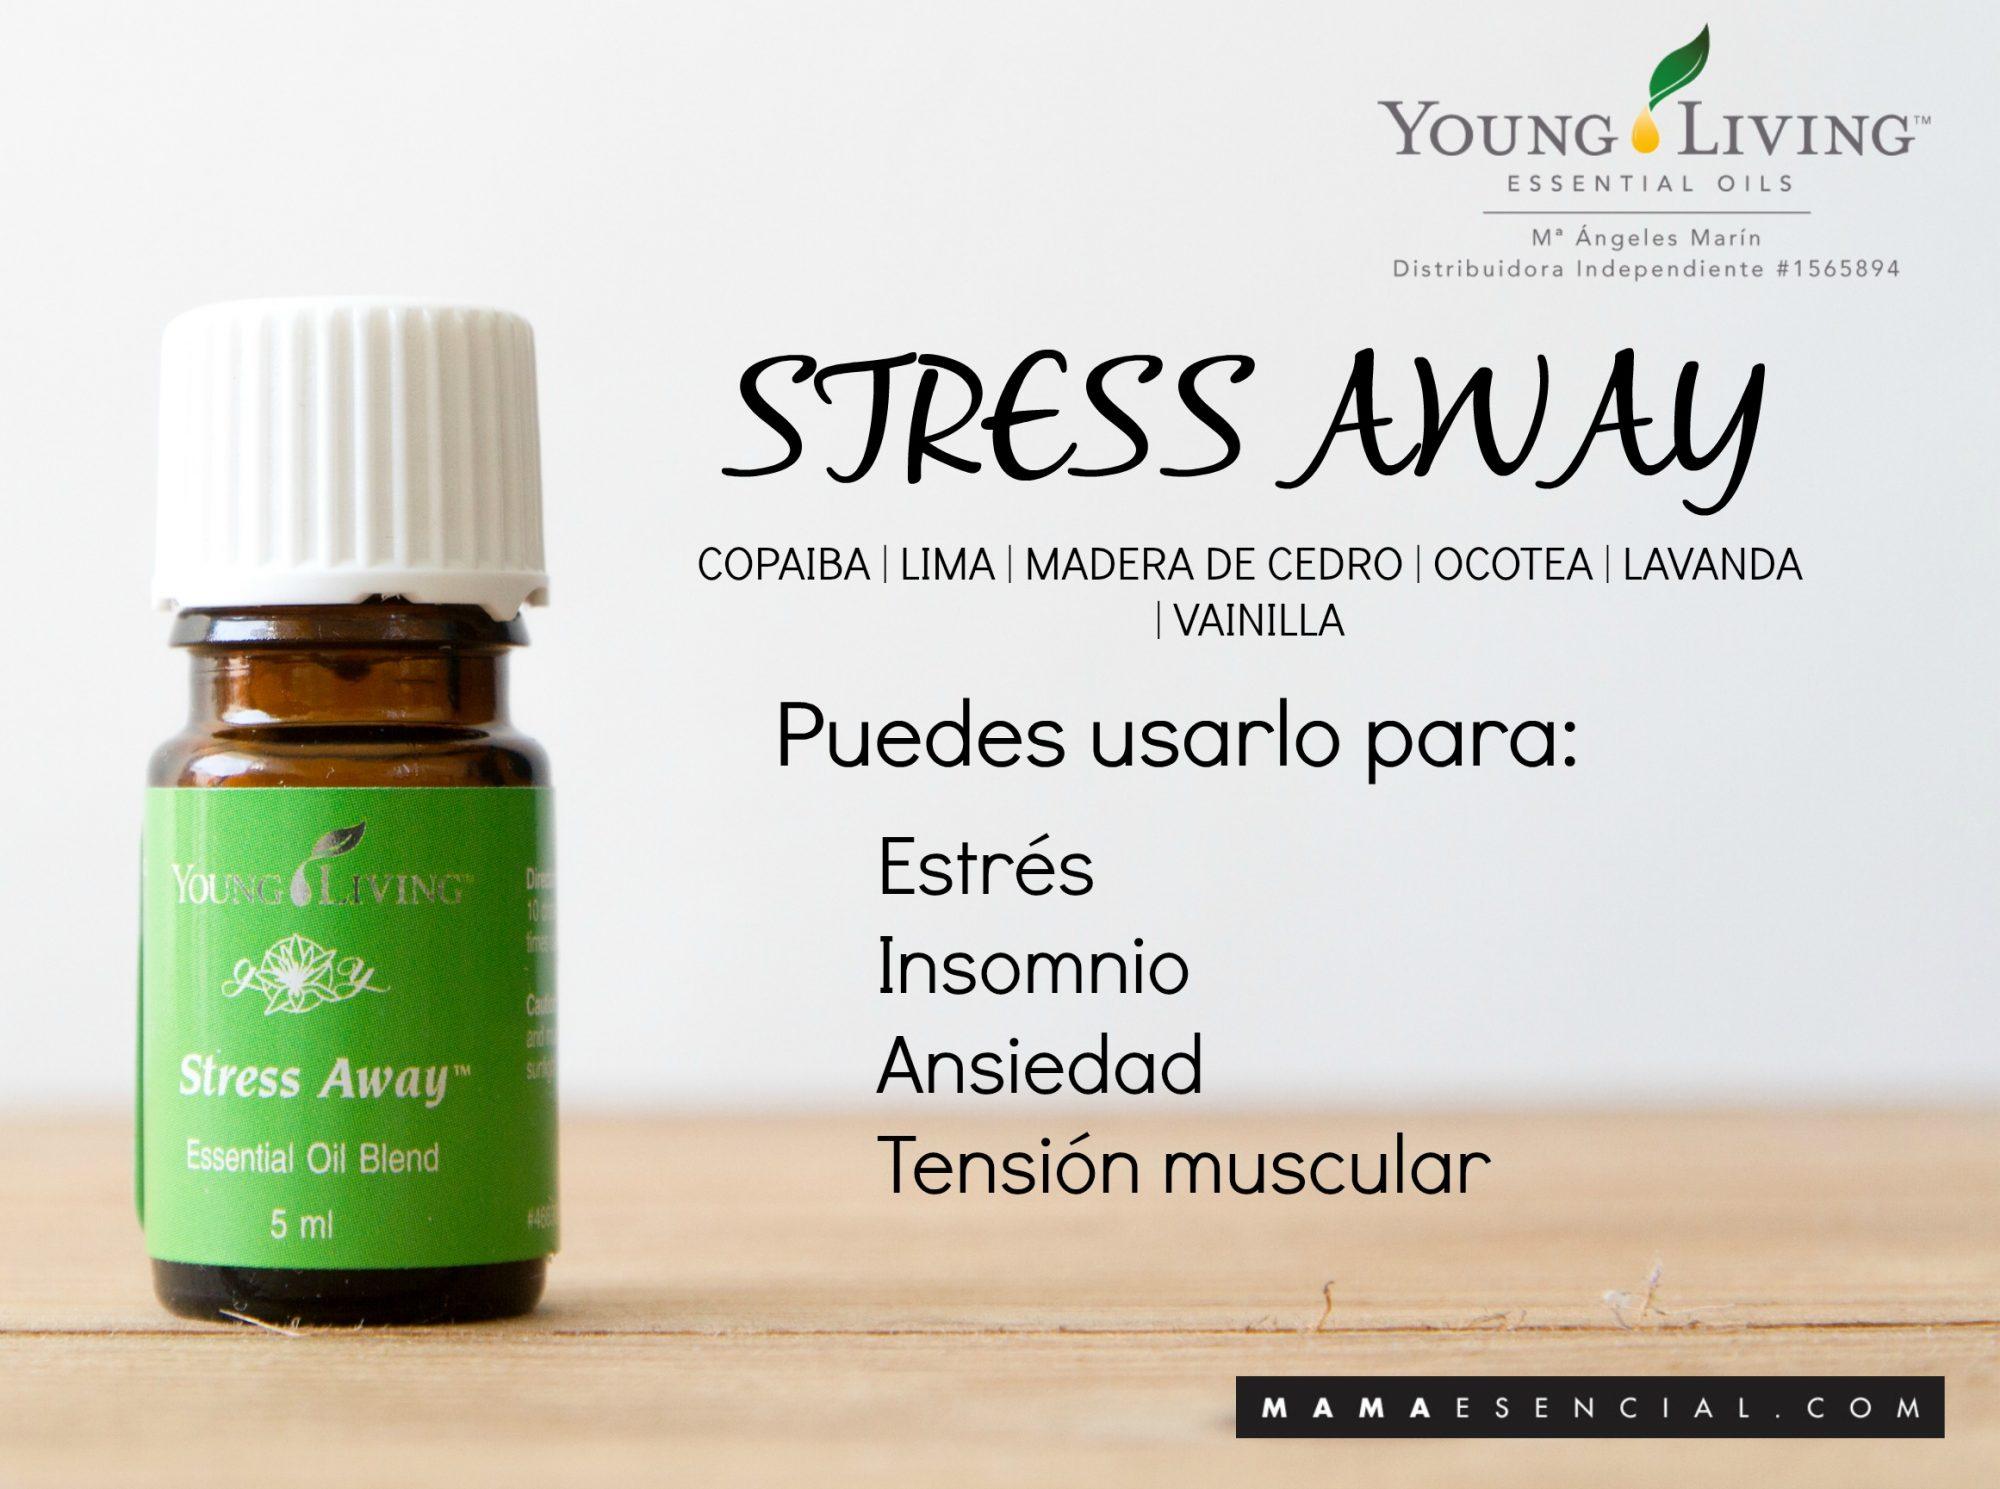 Mezclas de aceites esenciales Stress Away